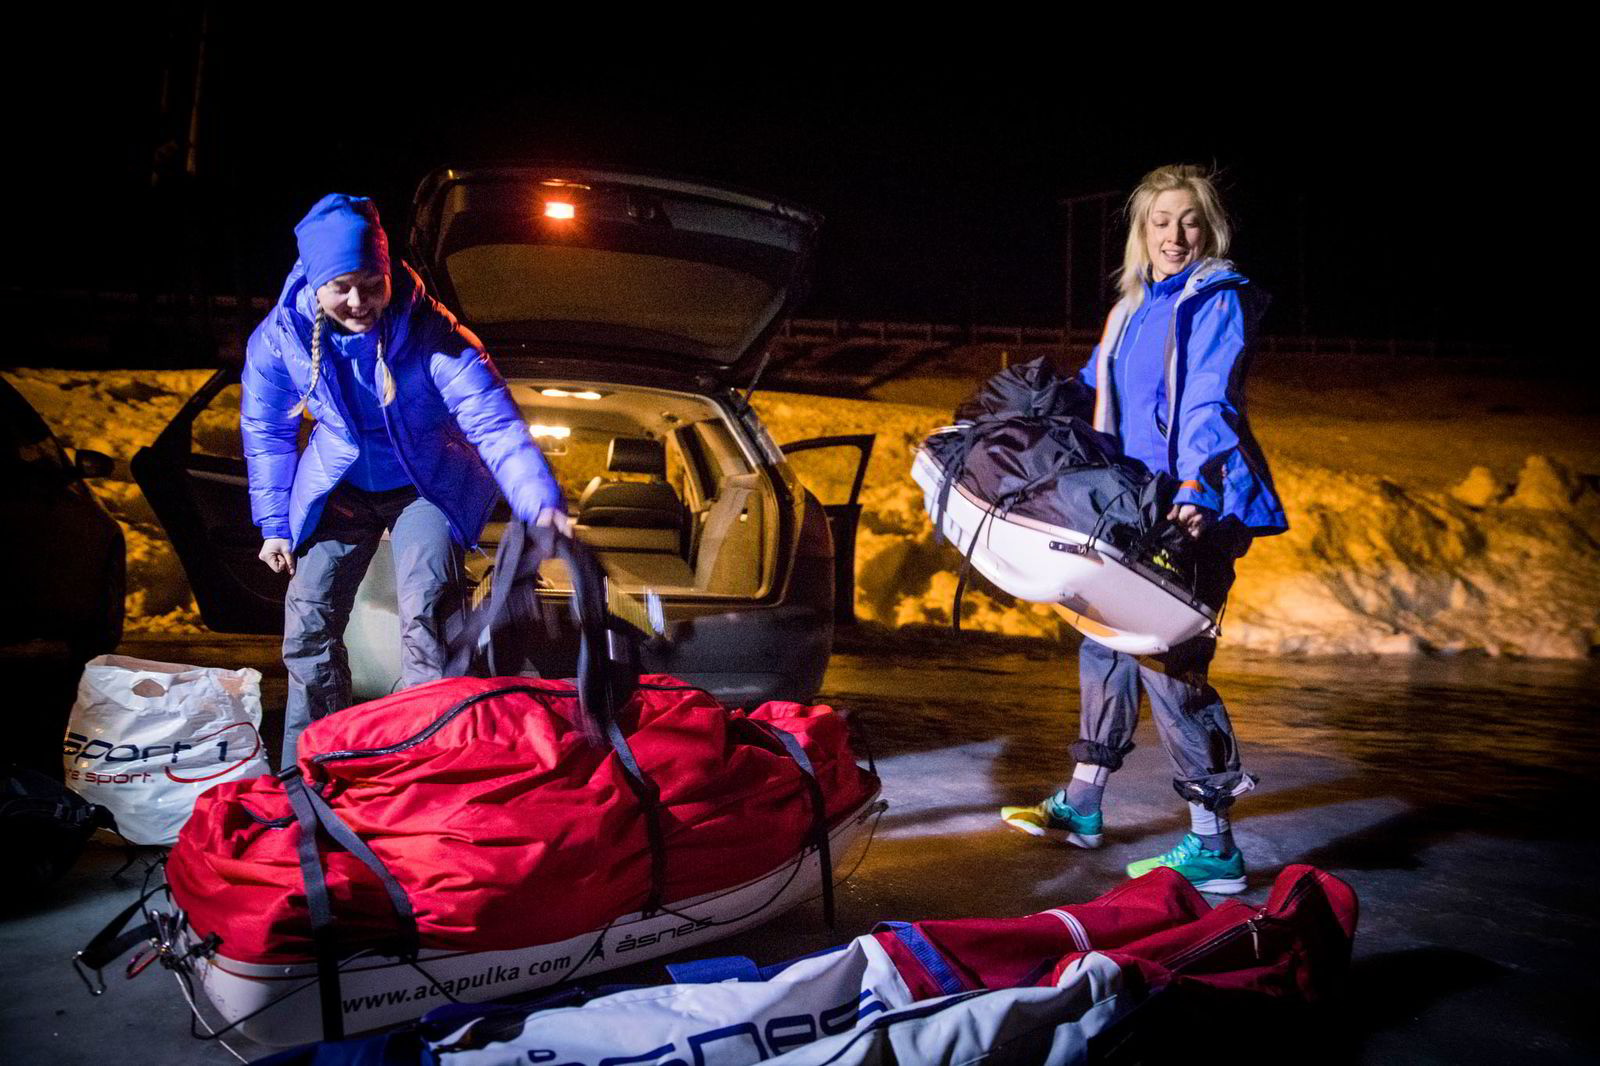 Line Sogn Plassen løfter ut pulken av bilen etter å ha kommet frem til Haukelifjell nærmere midnatt. Sammen med Ingeborg Kristine Lind til venstre, ligger de to i hardtrening før Expedition Amundsen over Hardangervidda. Alle foto: Gunnar Lier